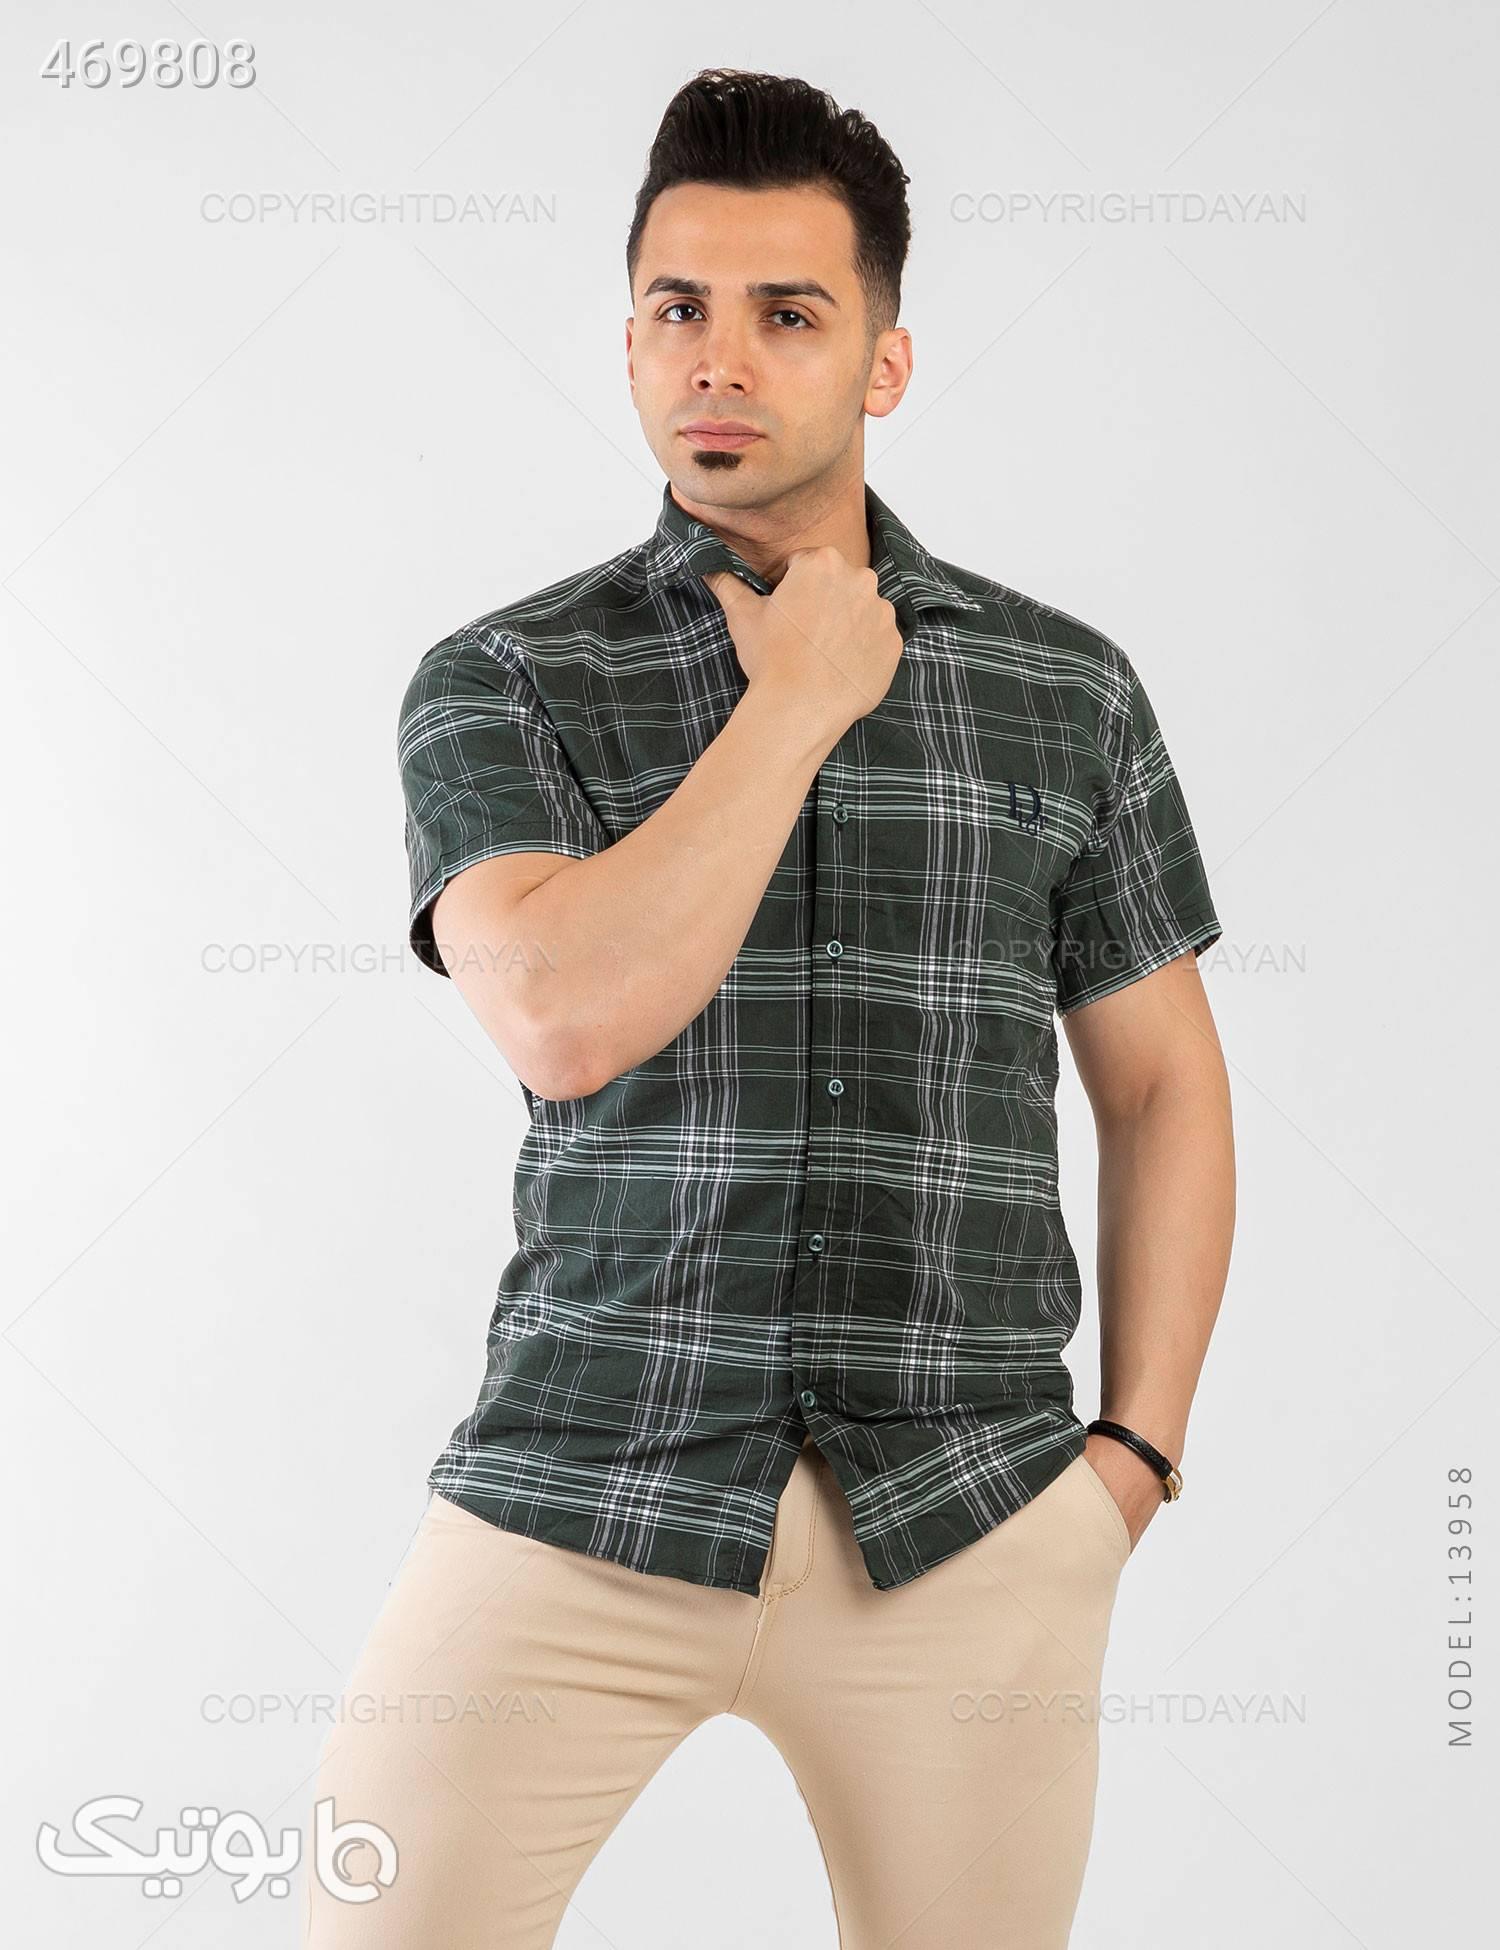 پیراهن مردانه Araz مدل 13958 سبز پيراهن مردانه